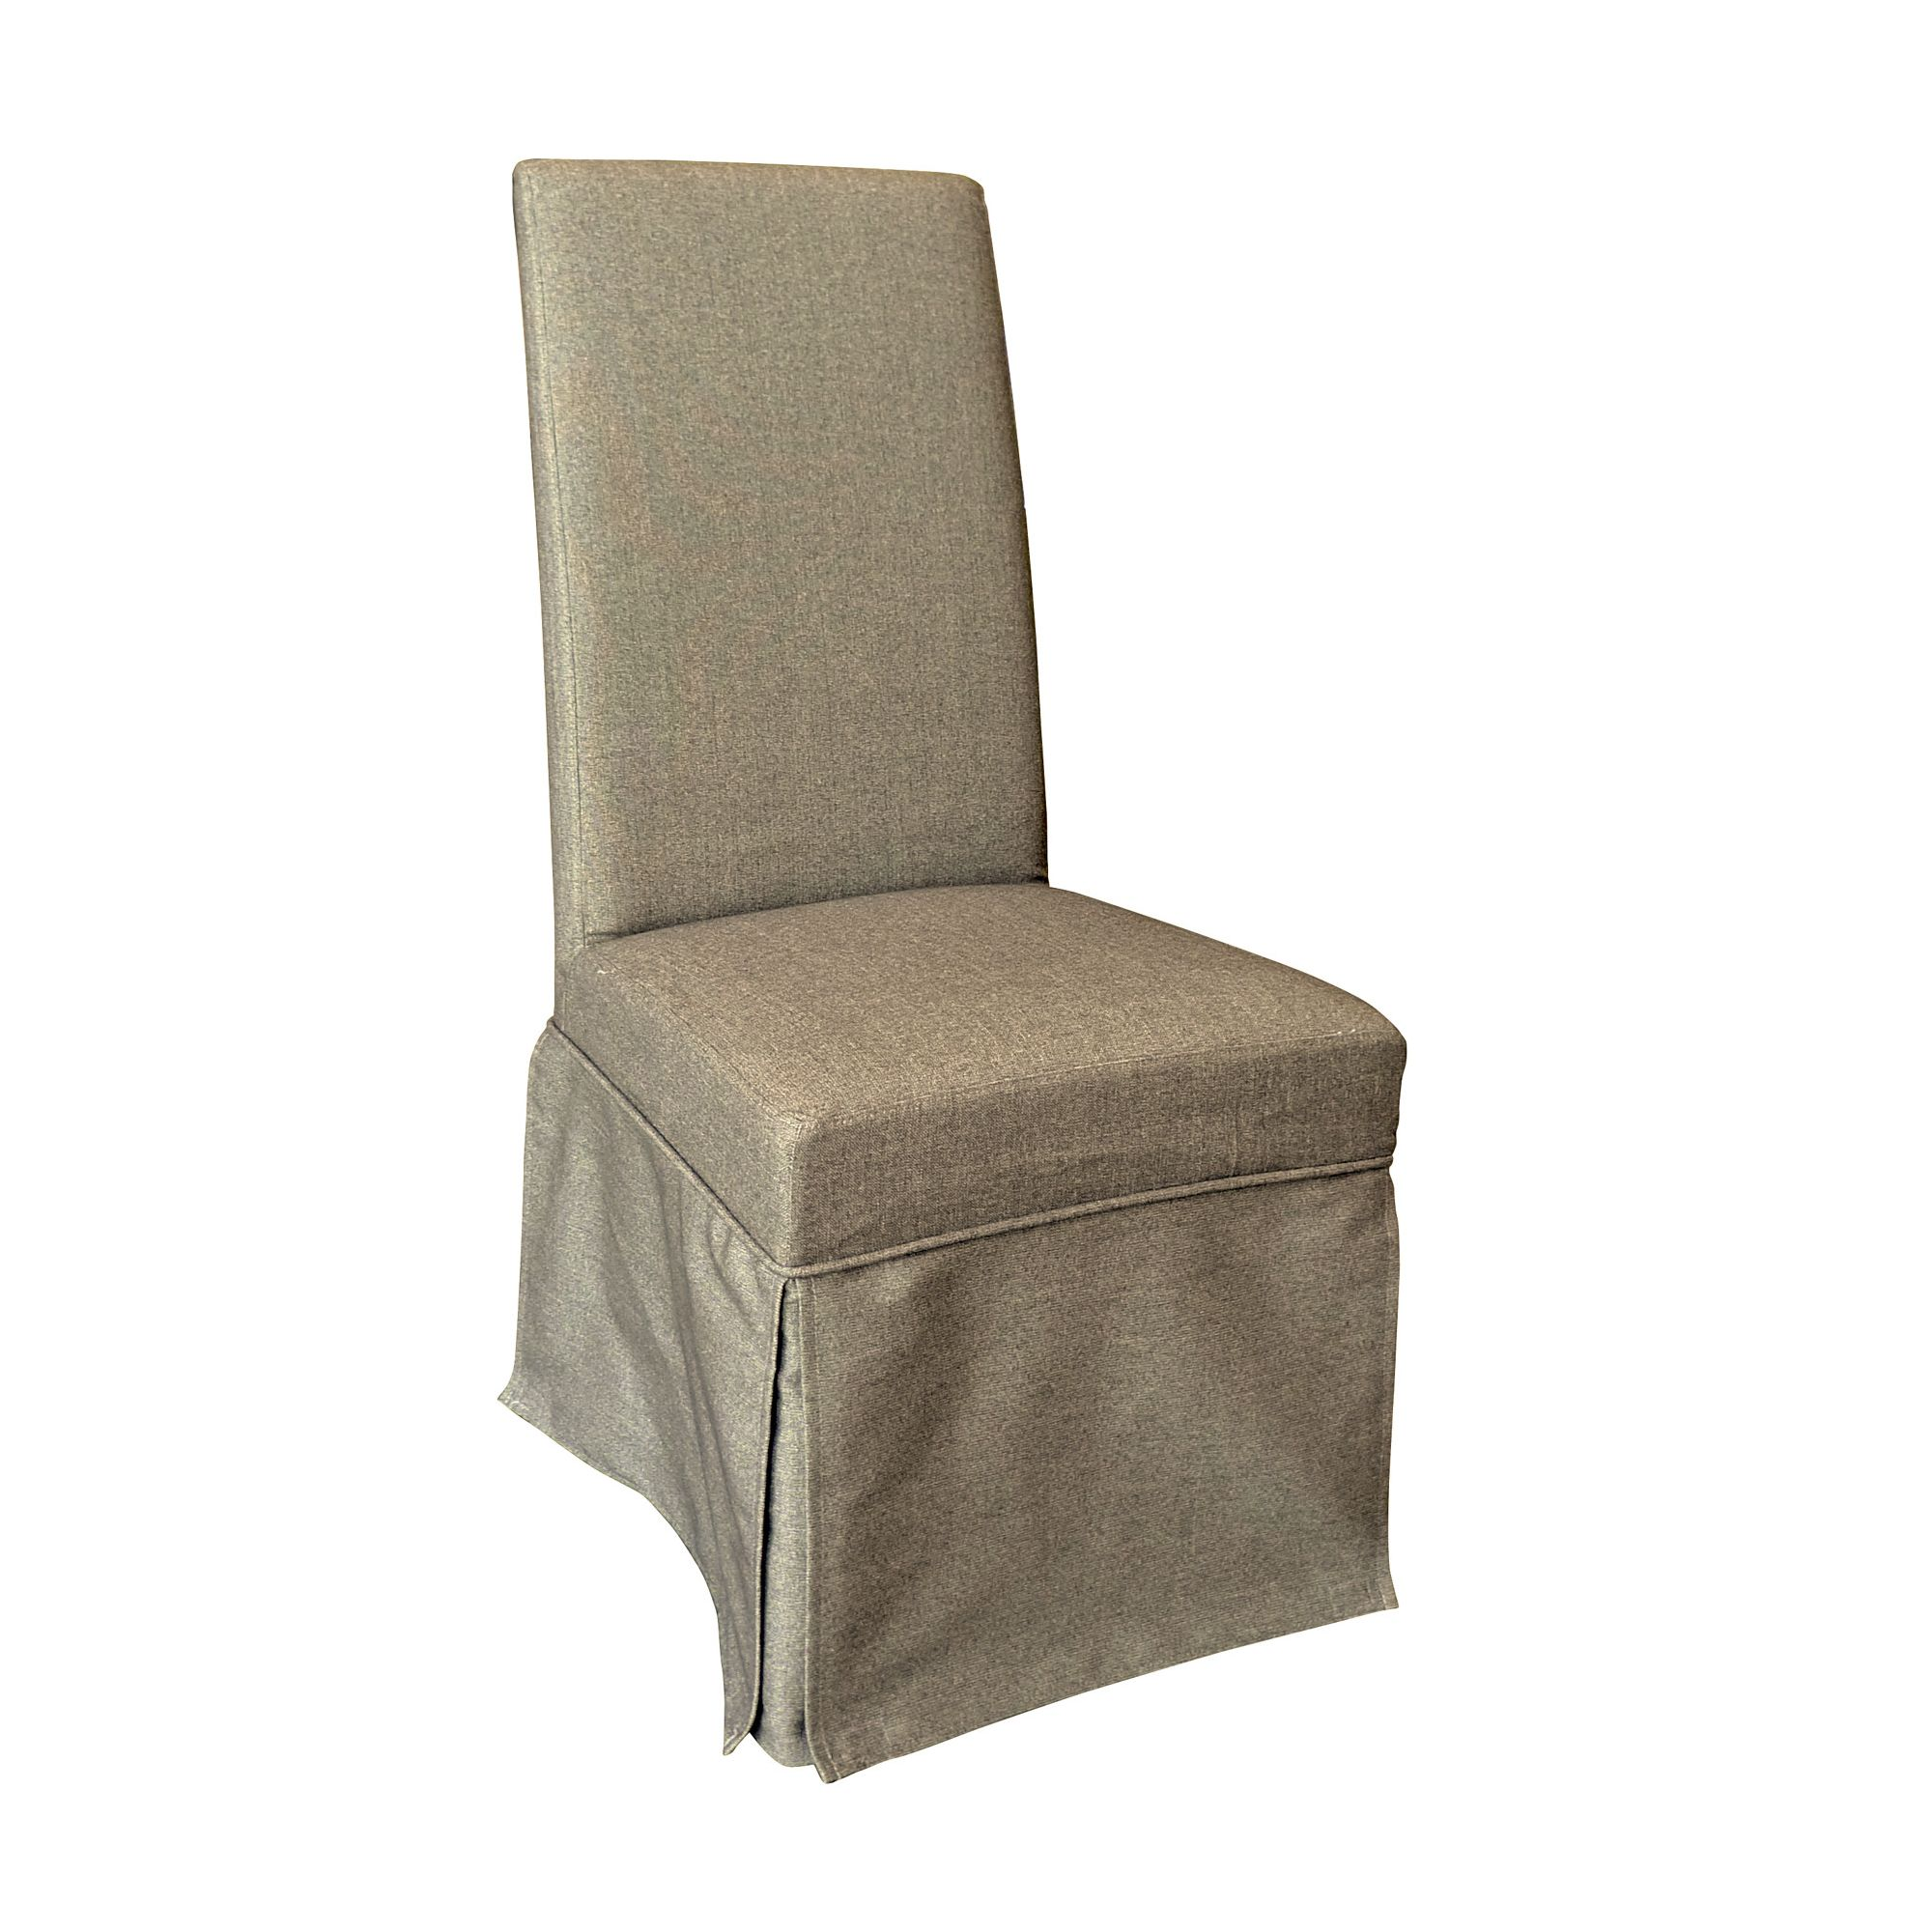 Chanter Drift Dining Chair (Set of 2)